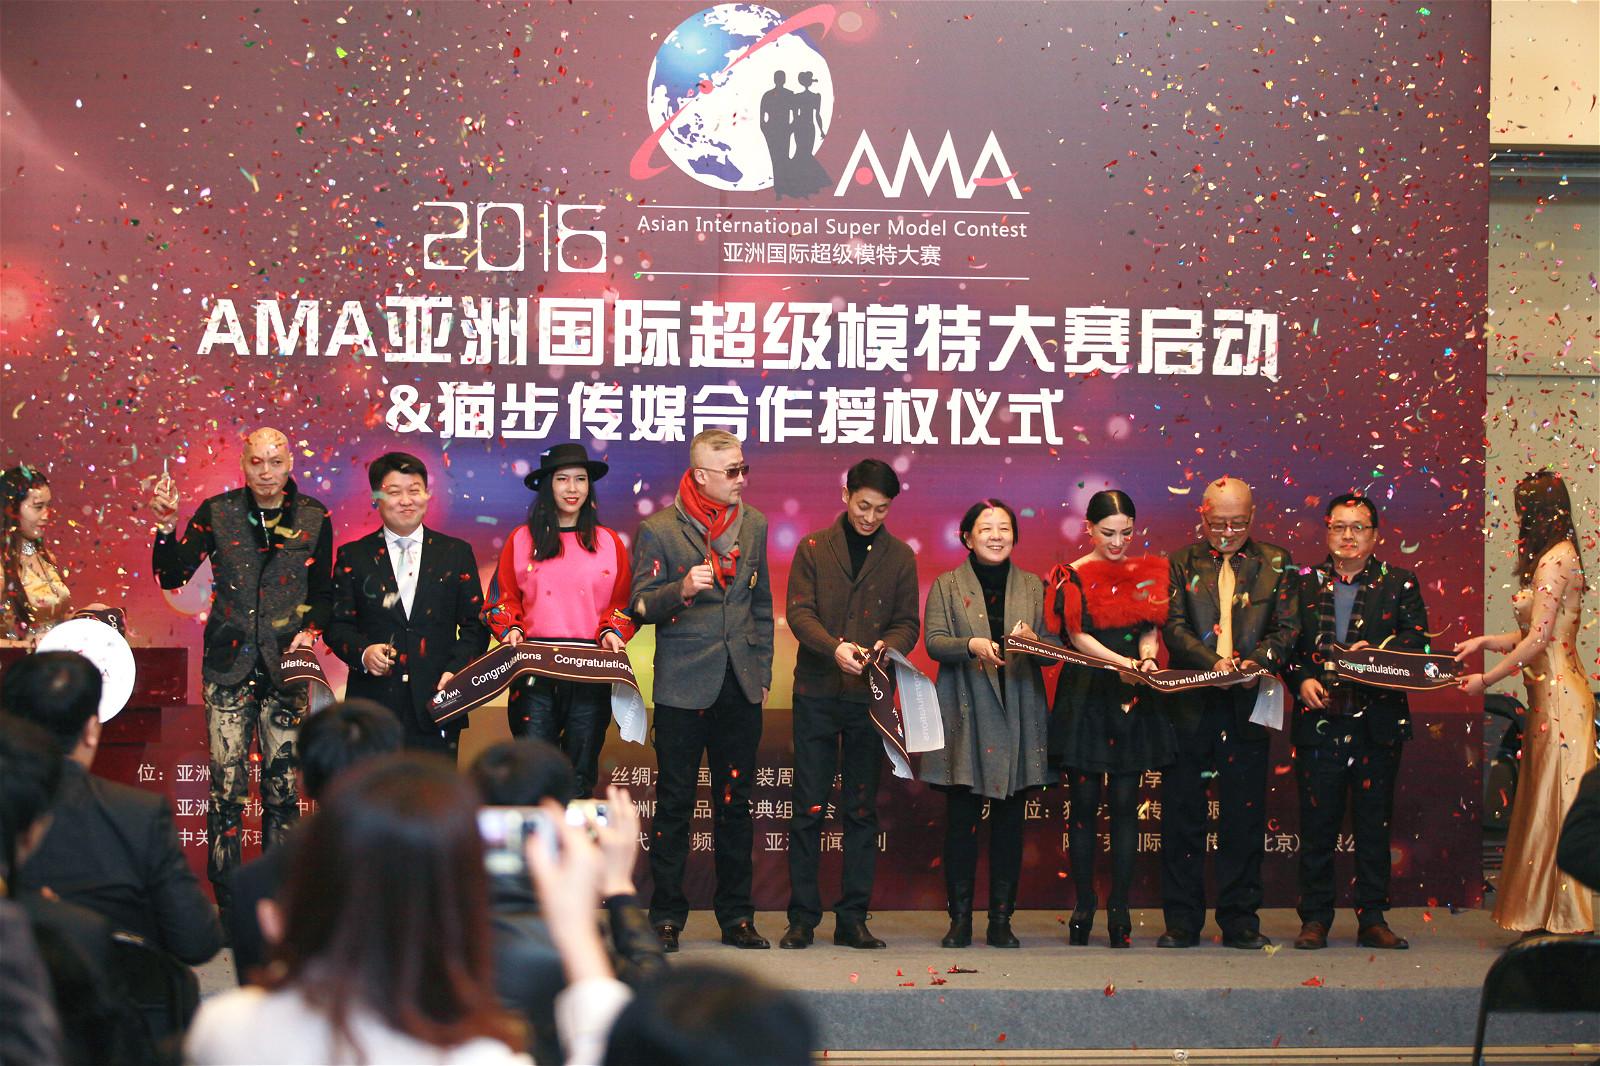 王浩天出席2016AMA亚洲国际超模大赛启动仪式